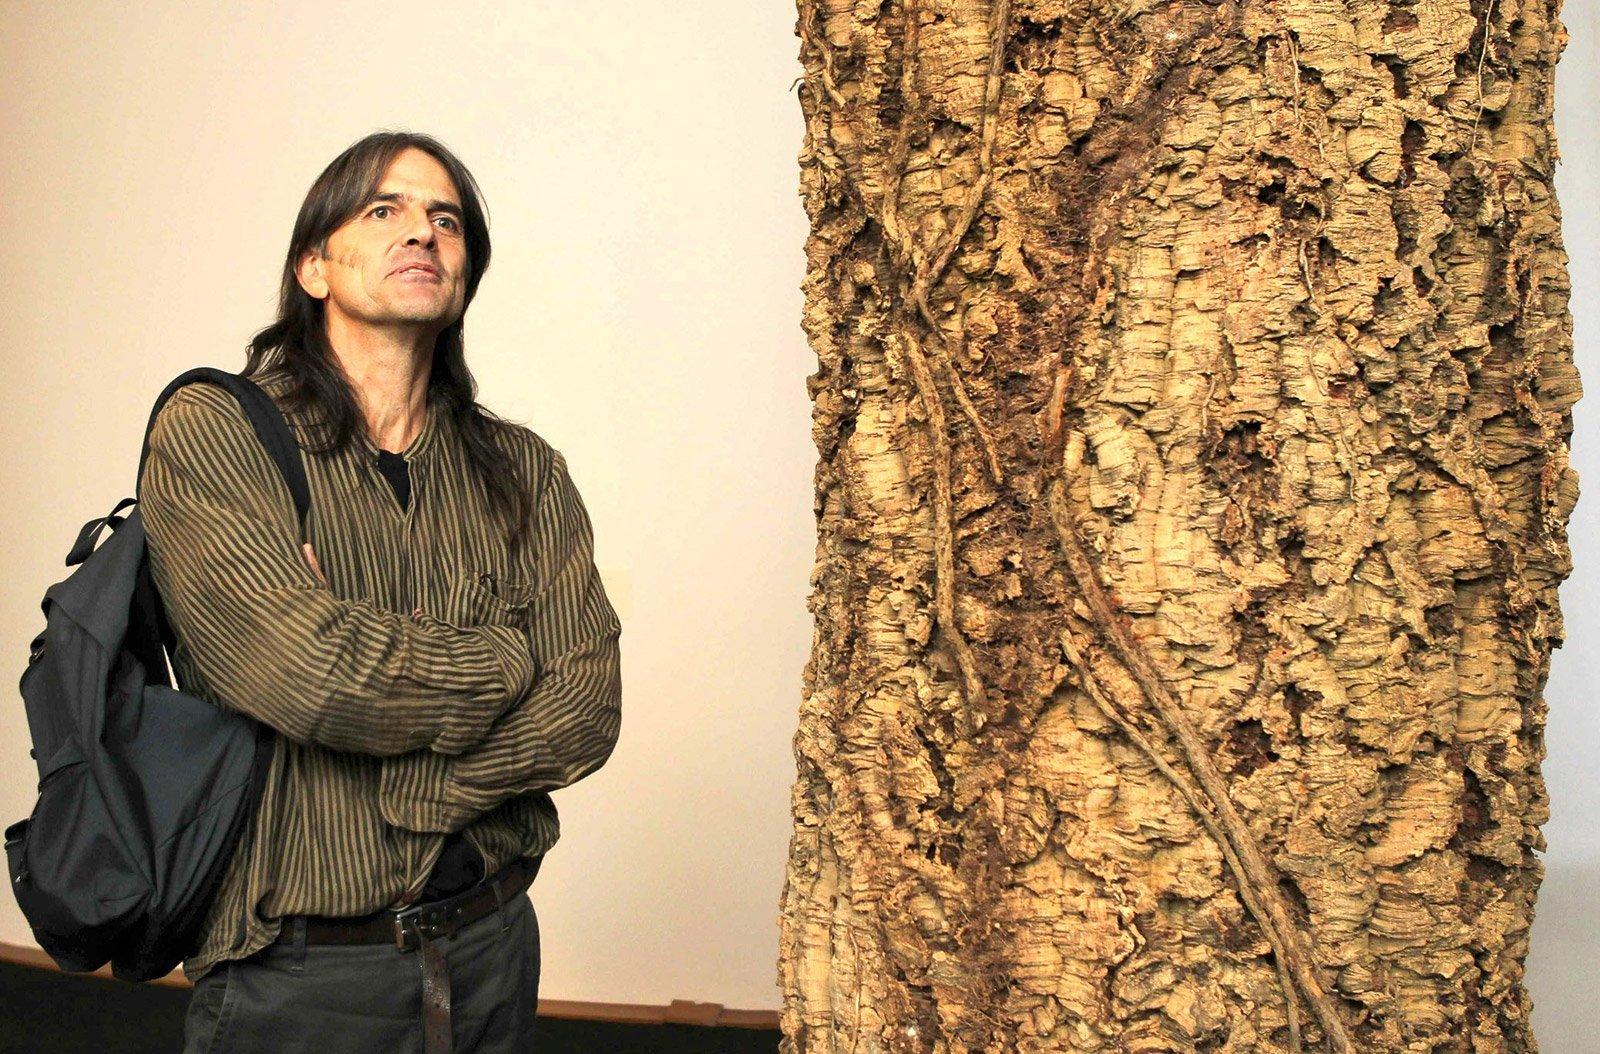 El pintor-escriptor Perejaume en una exposición retrospectiva a la Pedrera. © Toni Albir/ EFE